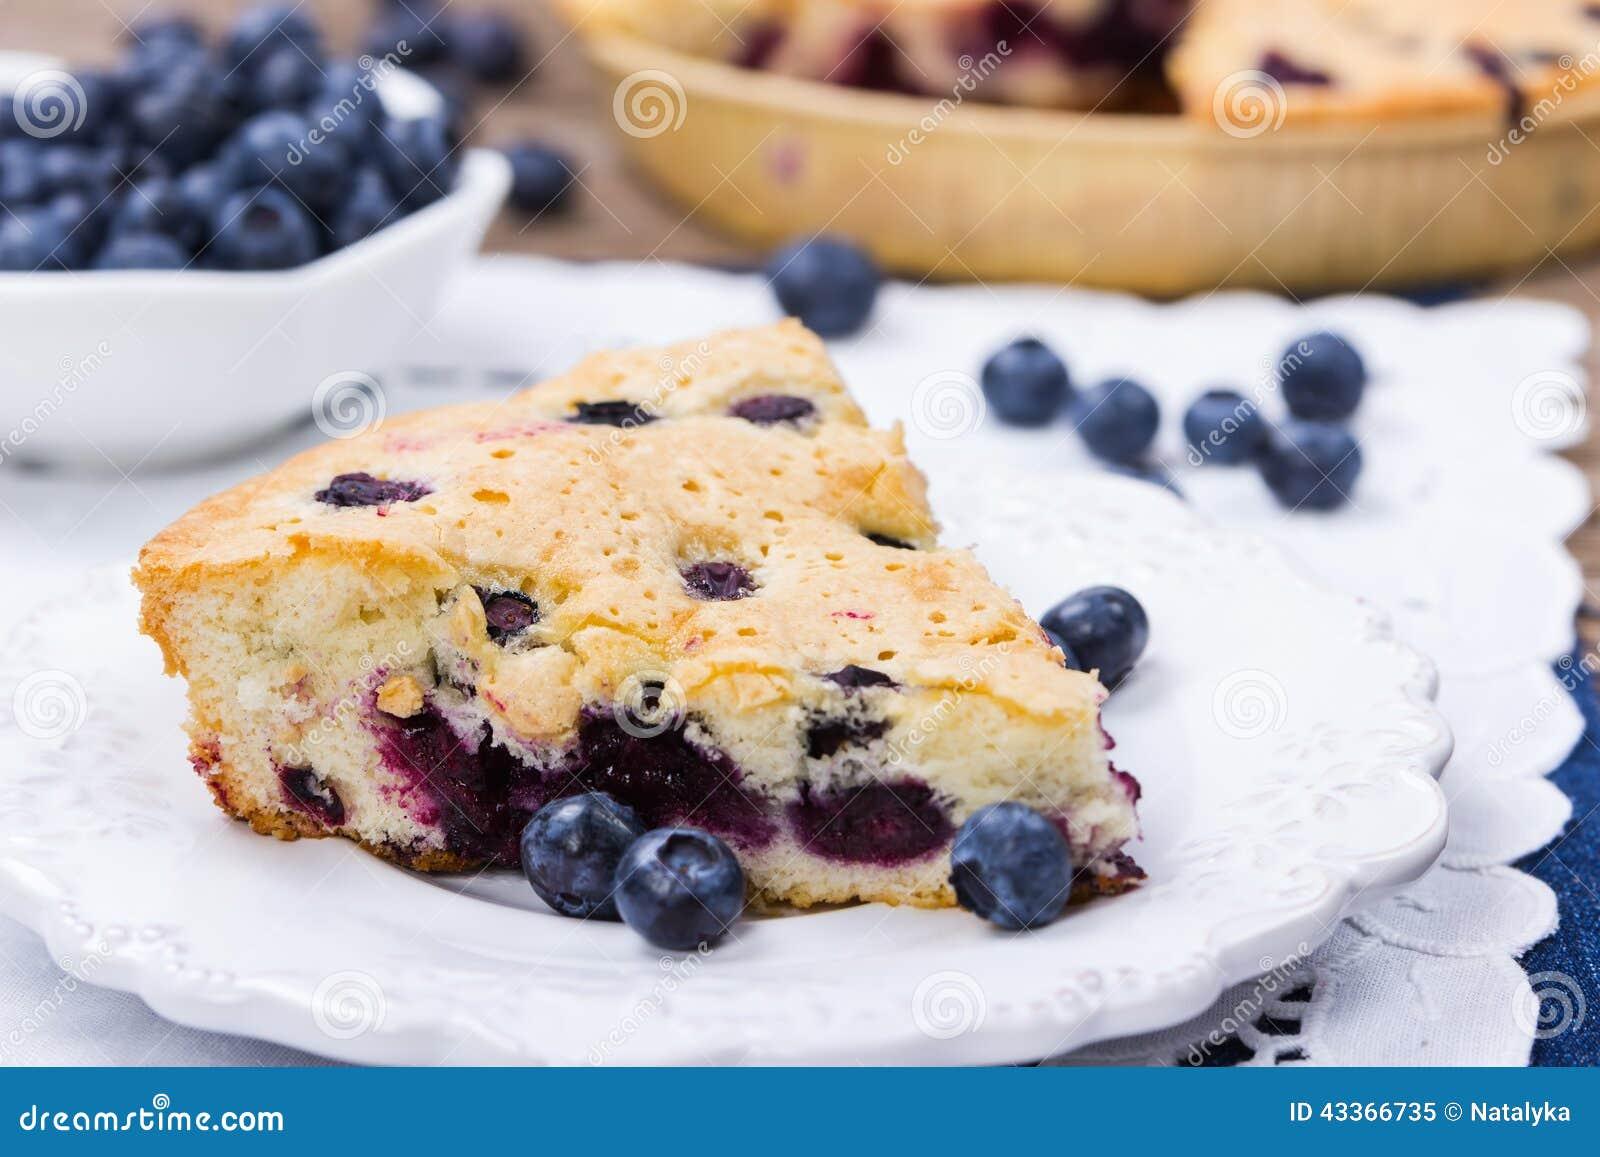 Materialien: Blaubeeren, saure Sahne, Zucker, zwei Eier